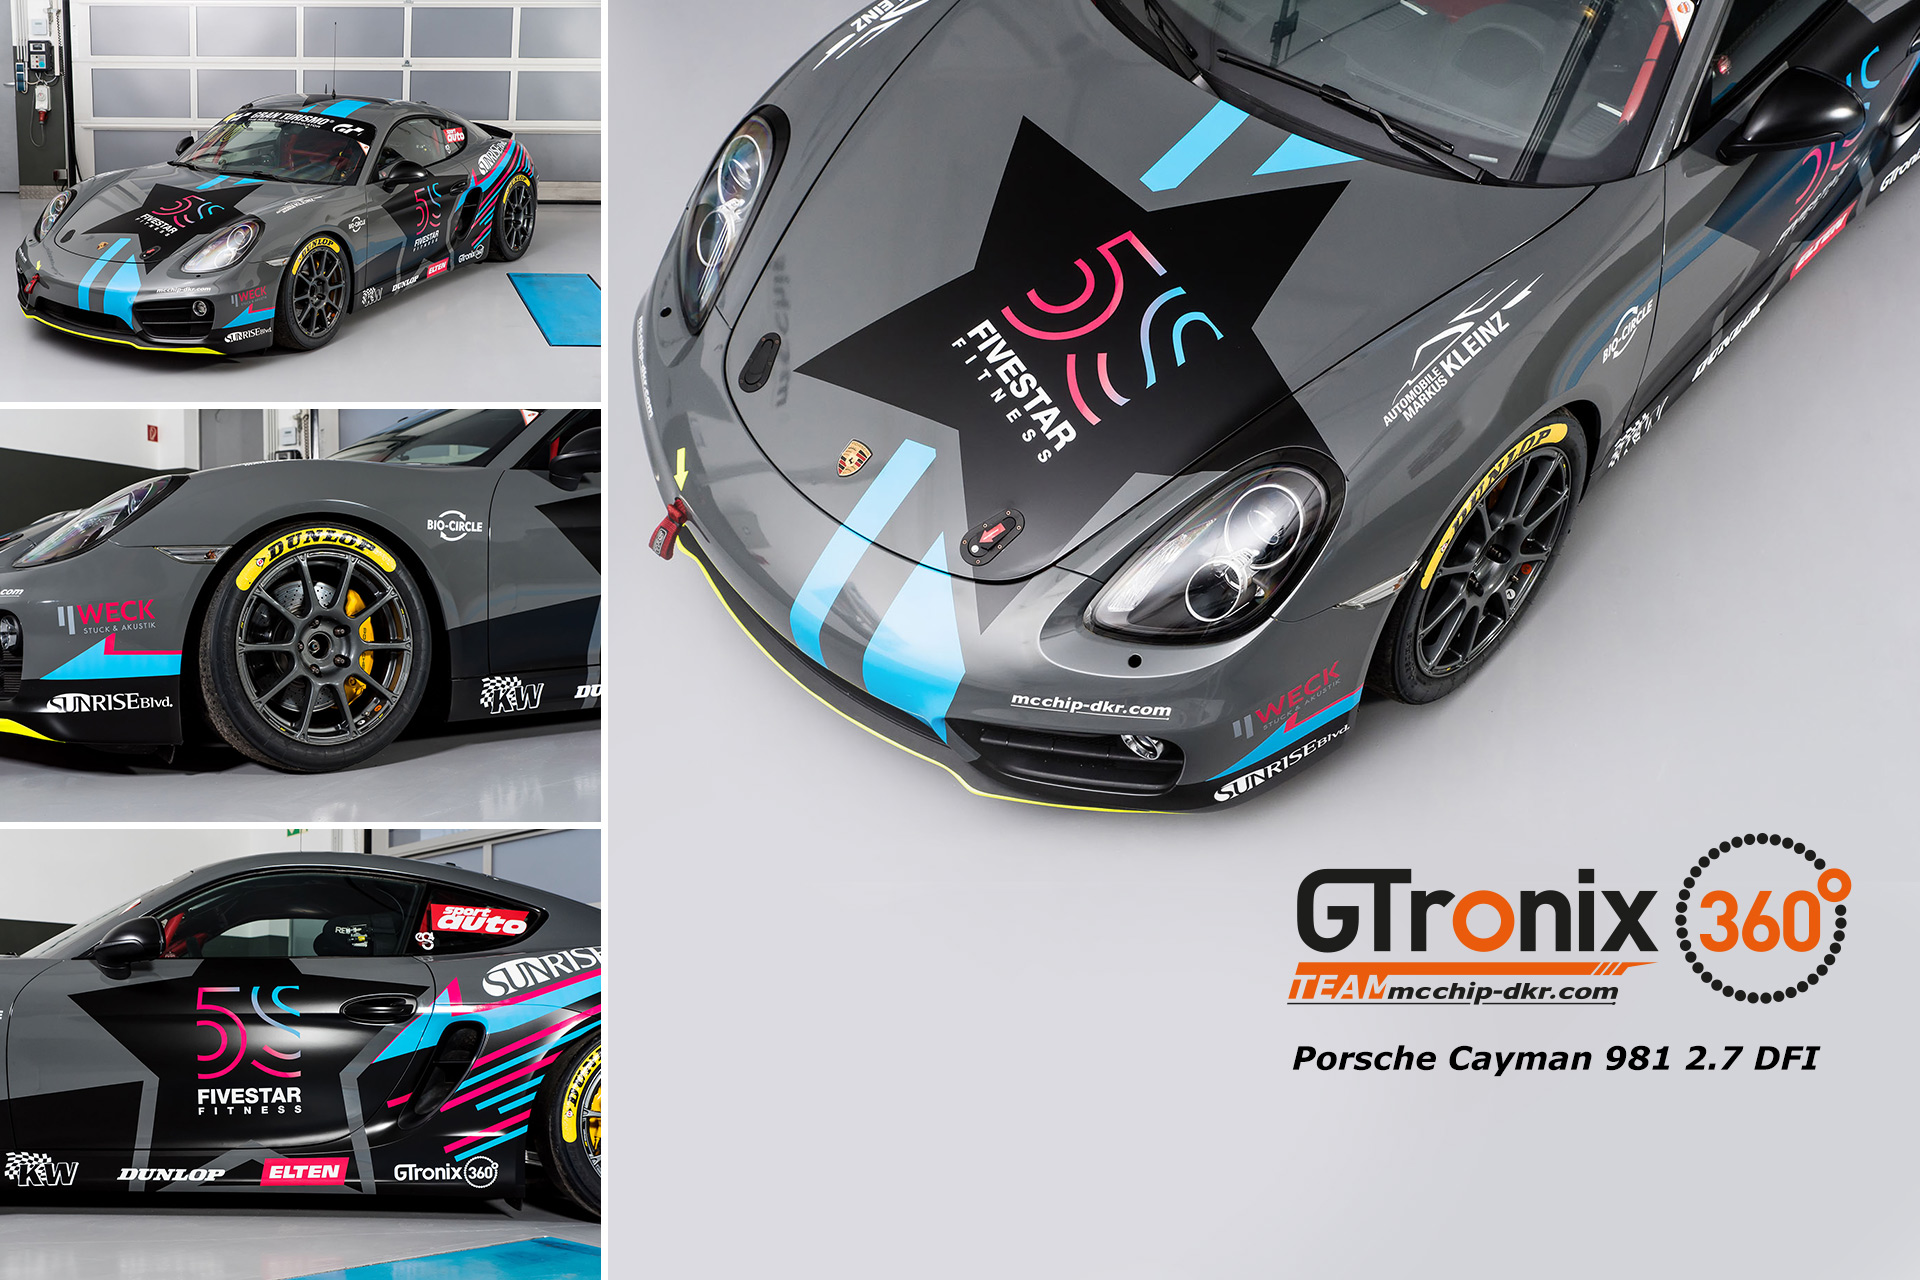 Porsche-Cayman_GTronix360